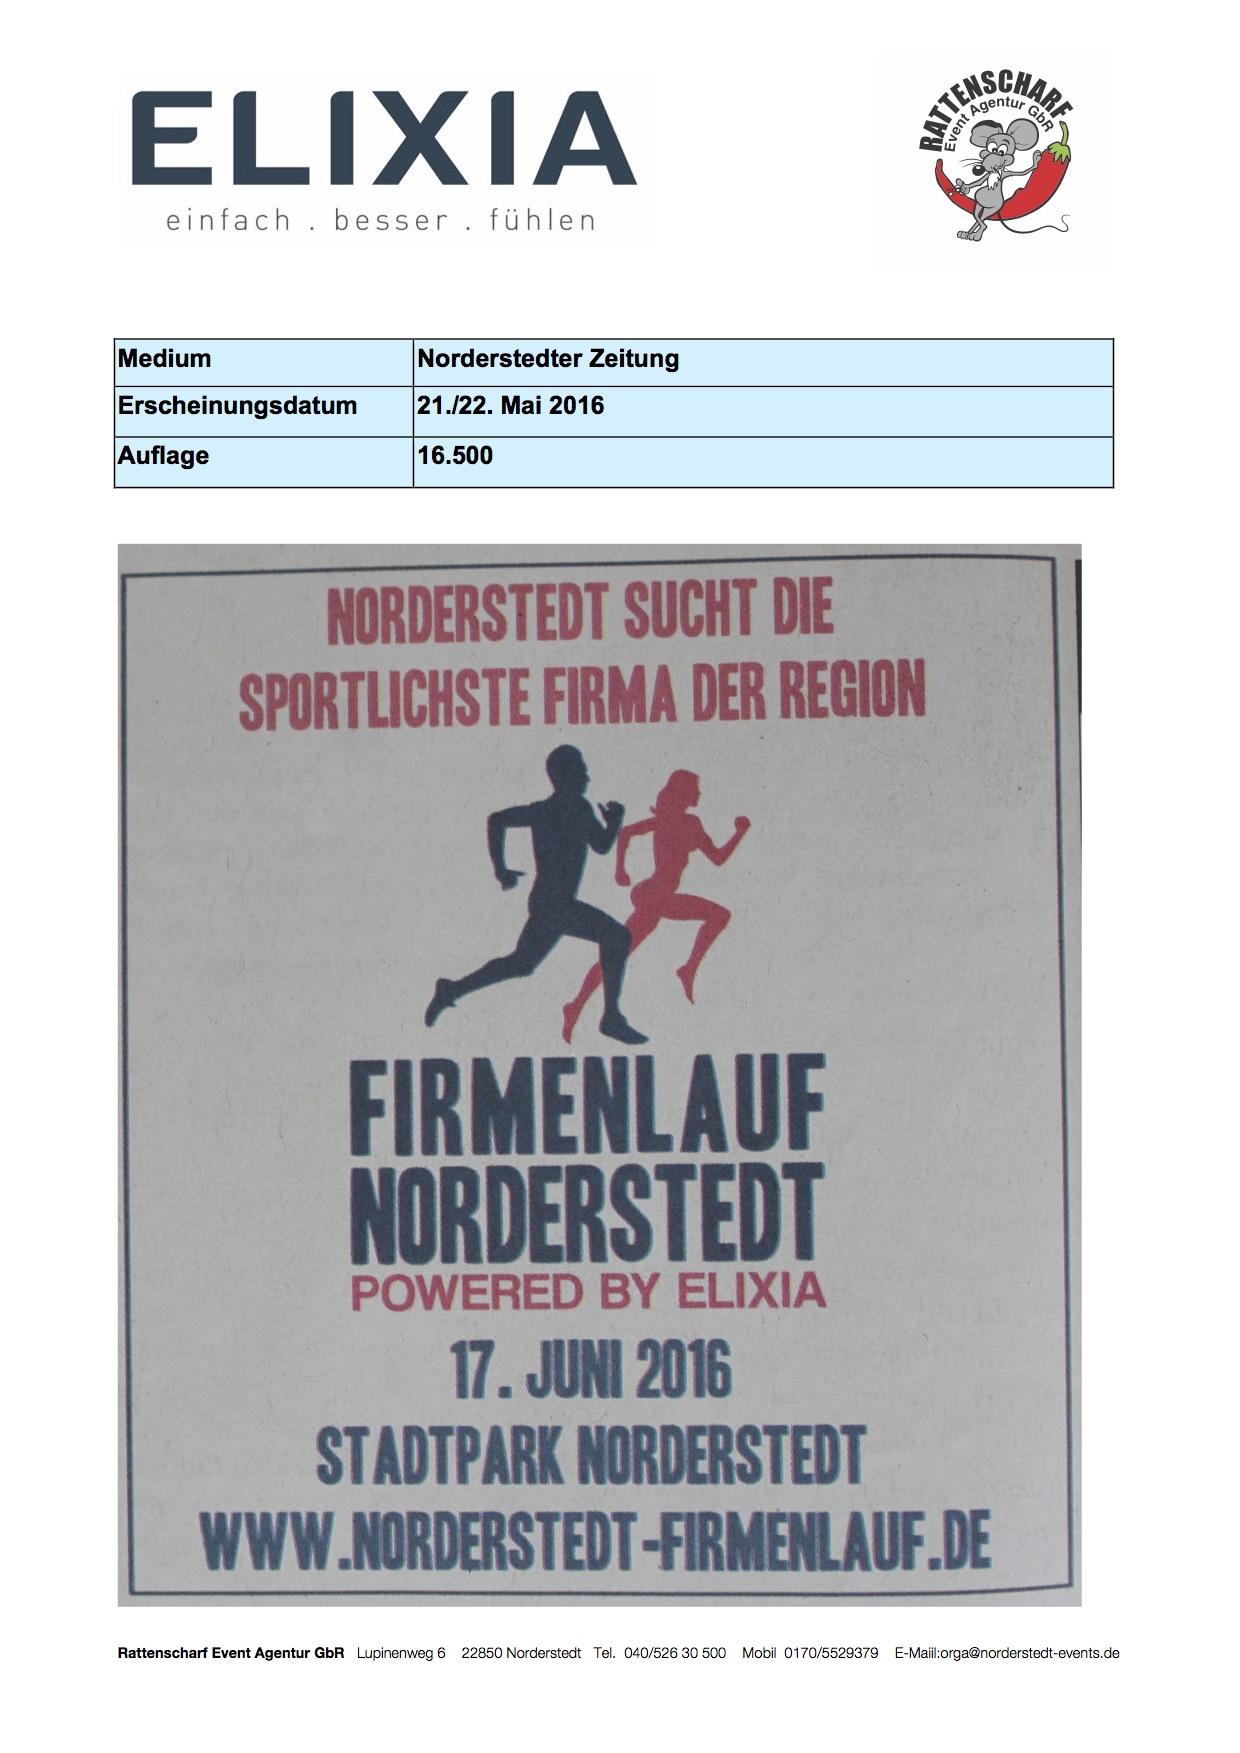 Norderstedter Zeitung 21.-22. Mai 2016-2